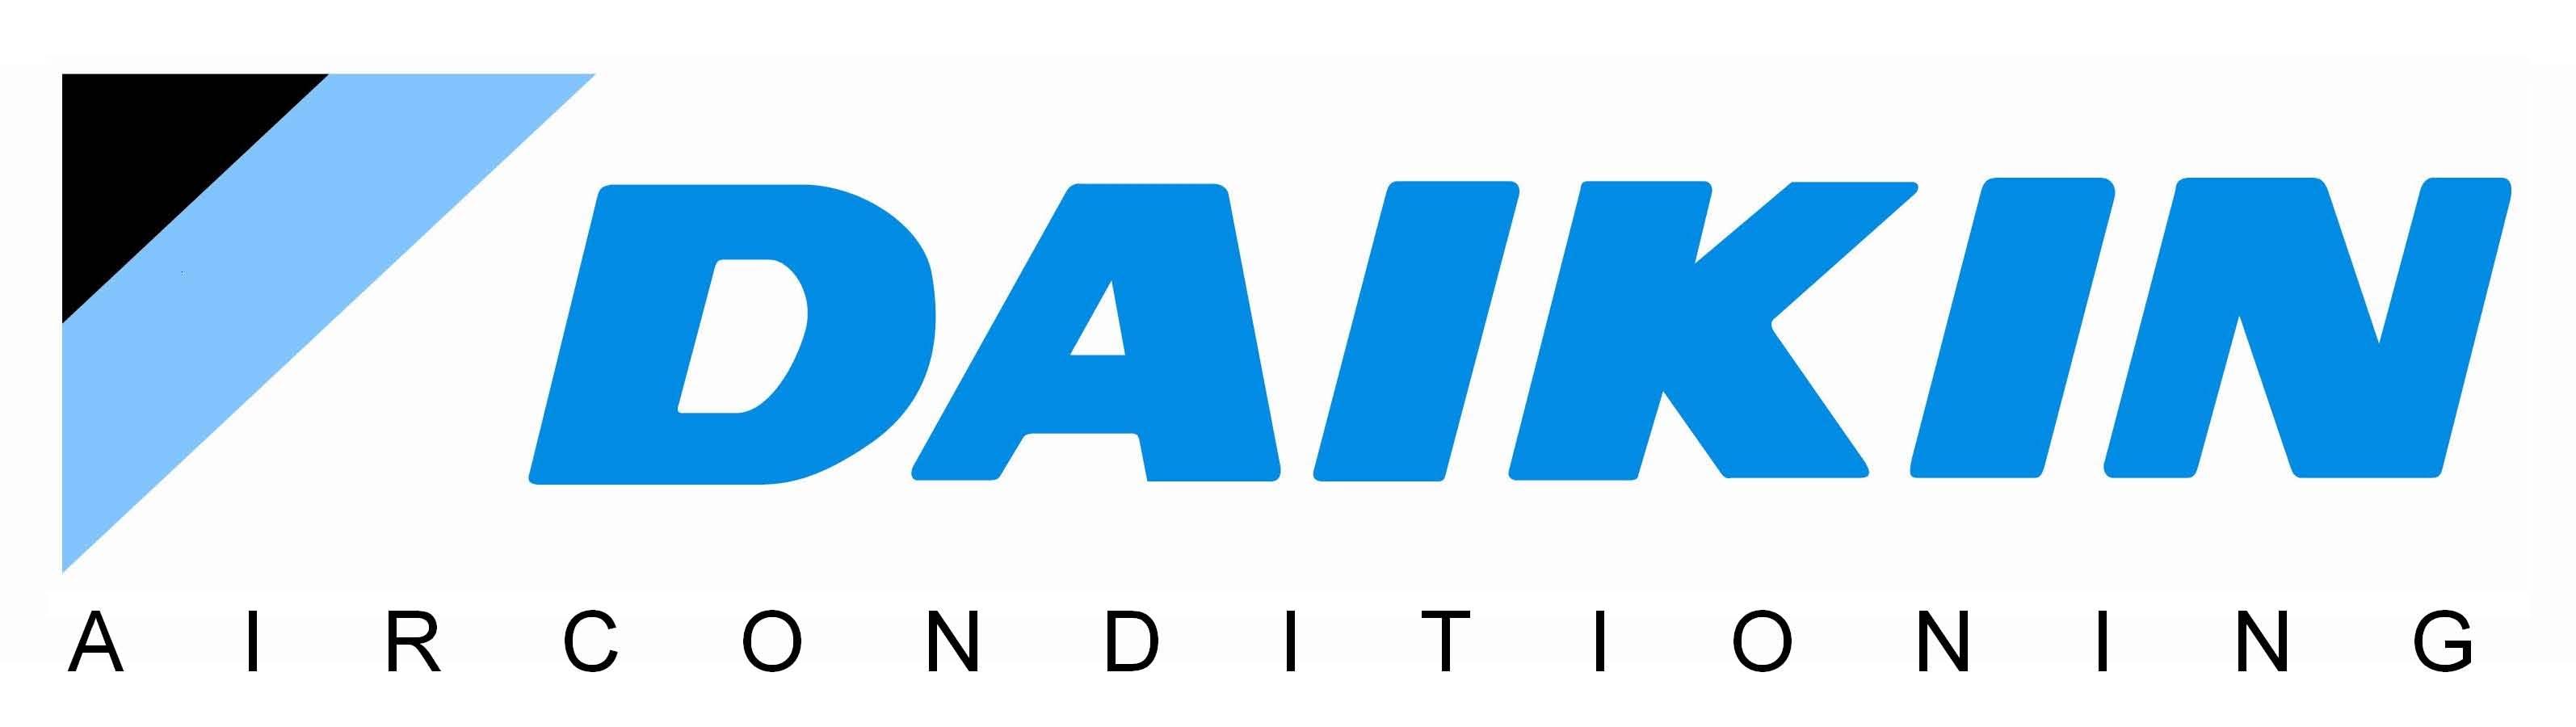 Надежные и компактные сплит-системы Daikin являются на рынке одними из самых высокотехнологичных моделей.